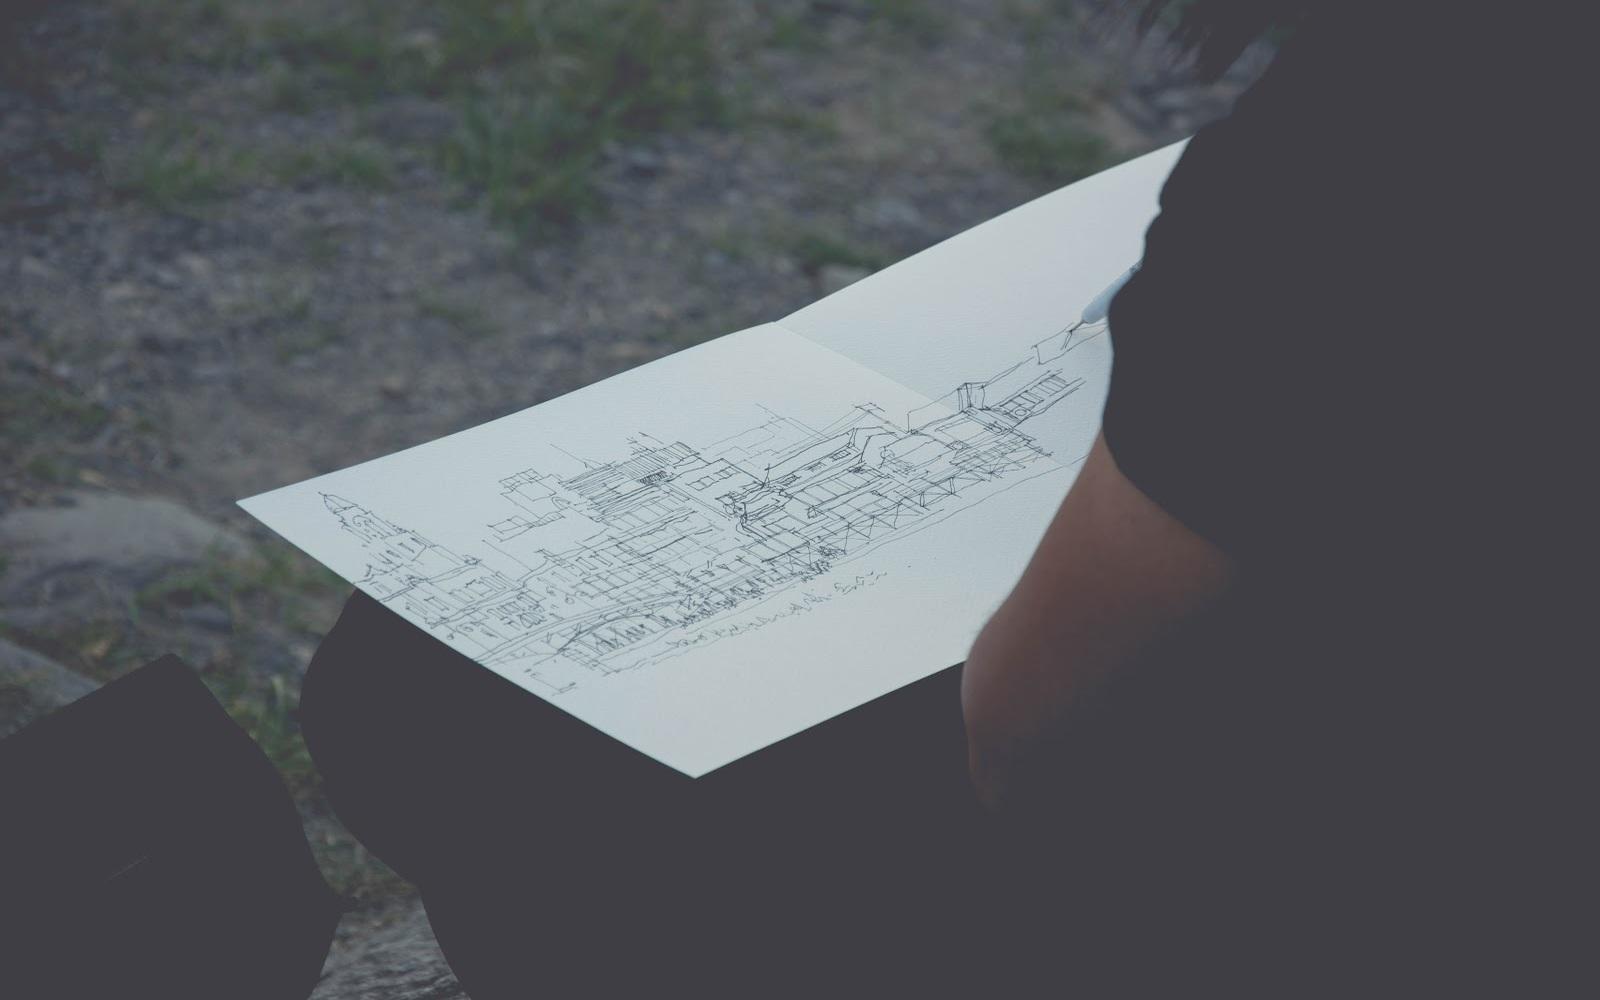 come-scegliere-un-terreno-edificabile:-gli-aspetti-tecnici